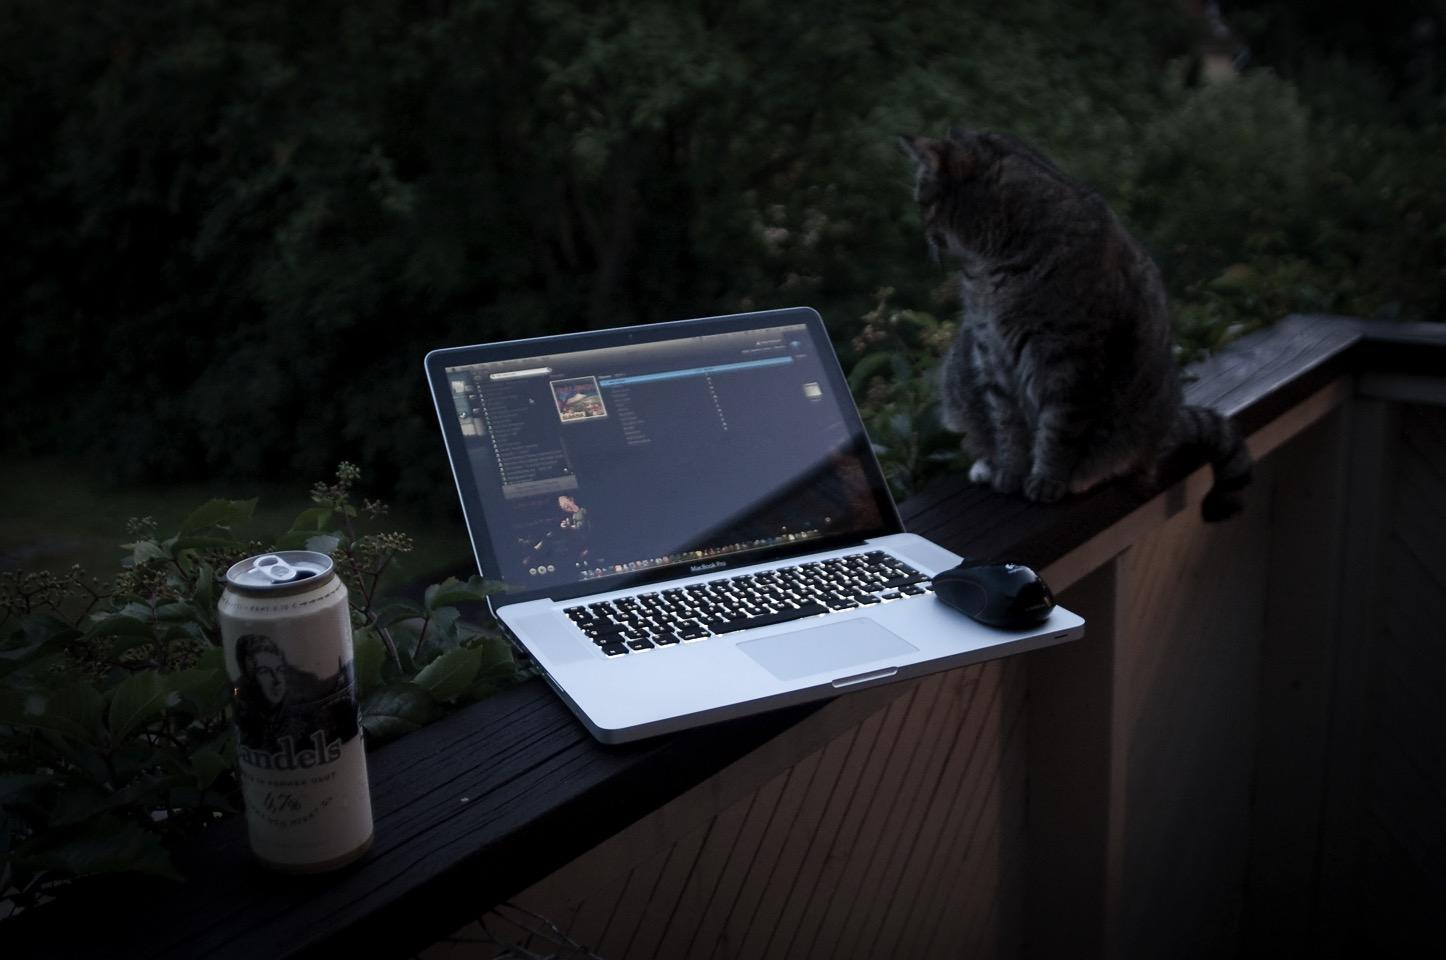 macbook-beer.jpg